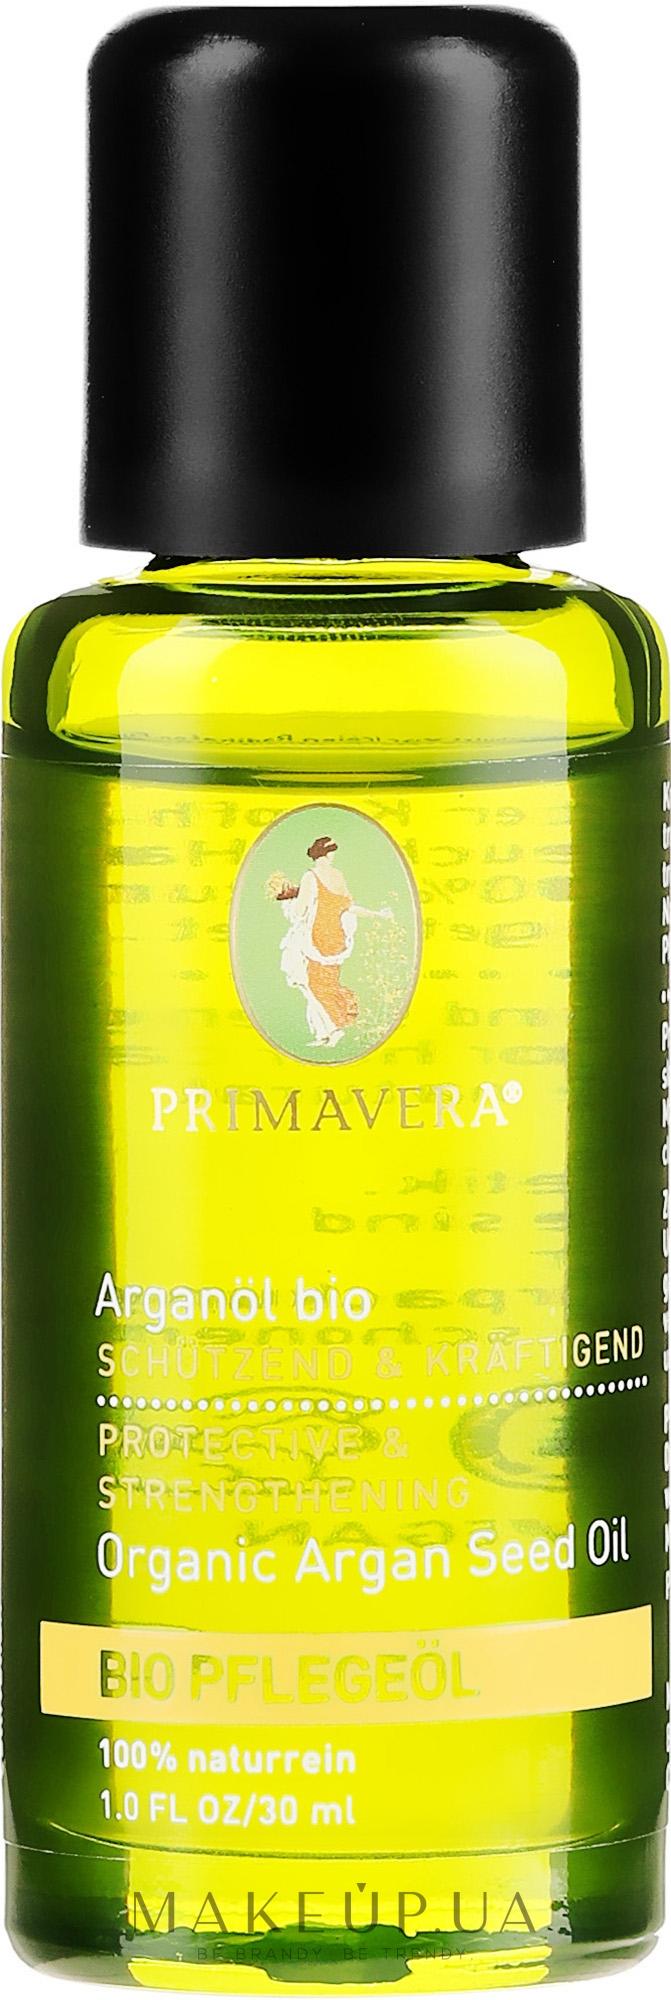 Органическое аргановое масло - Primavera Argan Oil  — фото 30ml